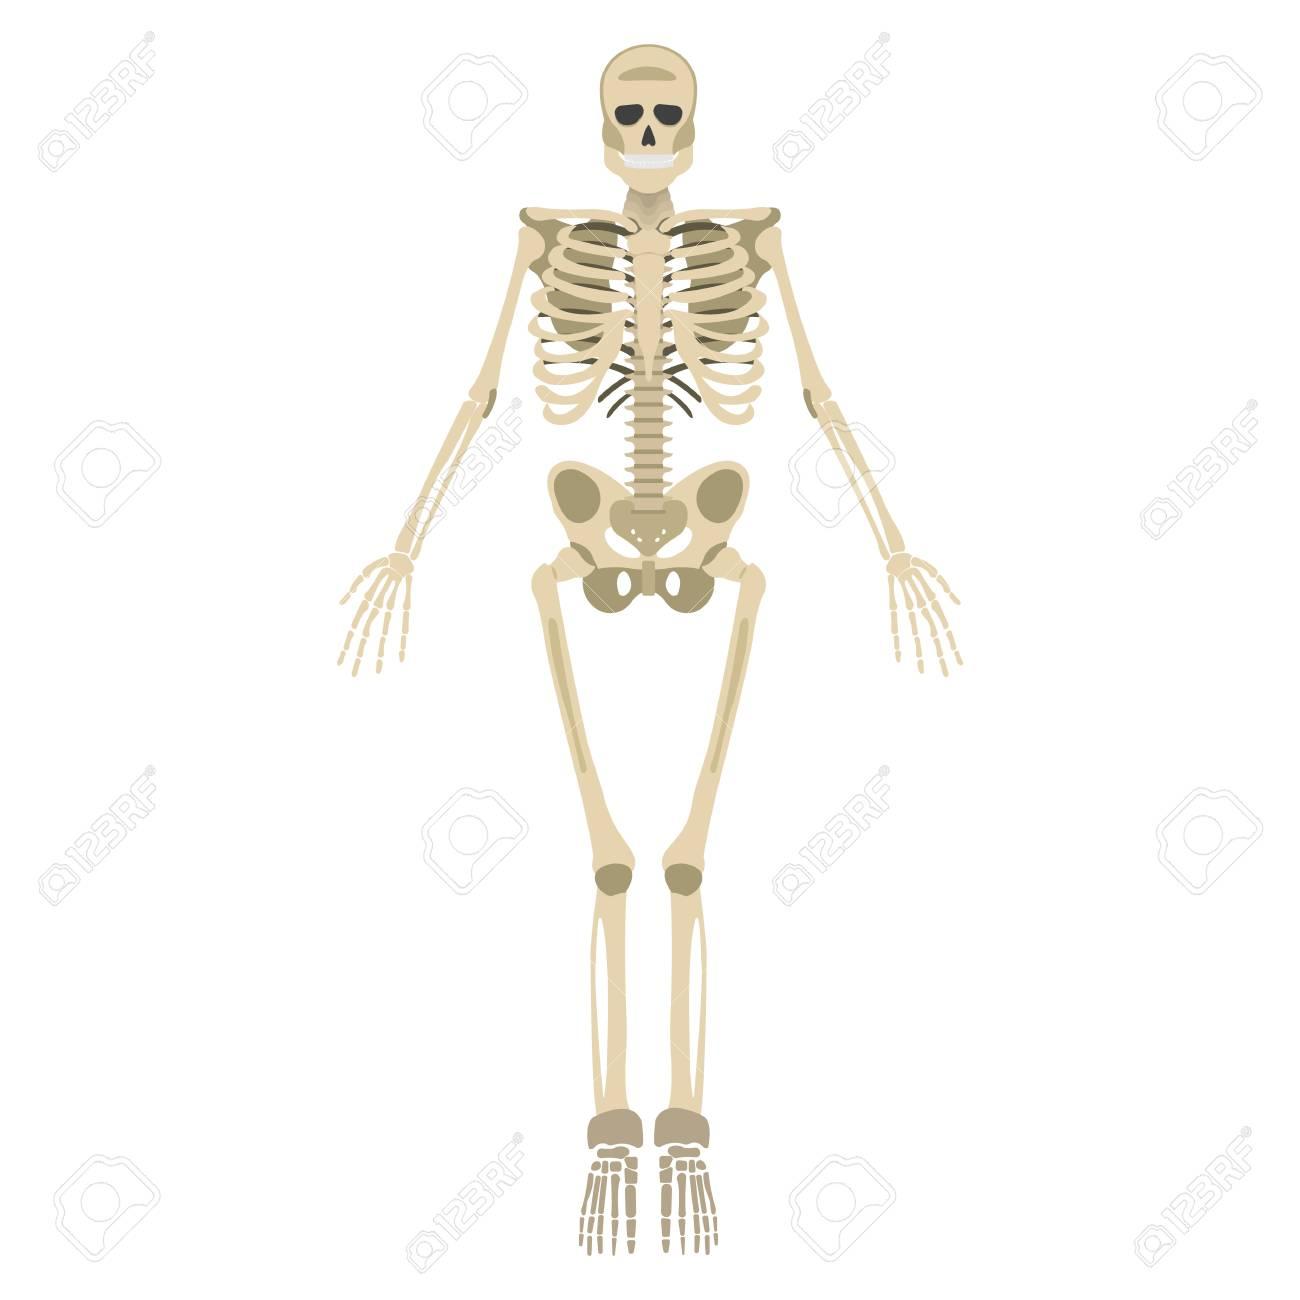 Icono De Esqueleto. Esqueleto Humano Frontal Silueta. Aislado En El ...